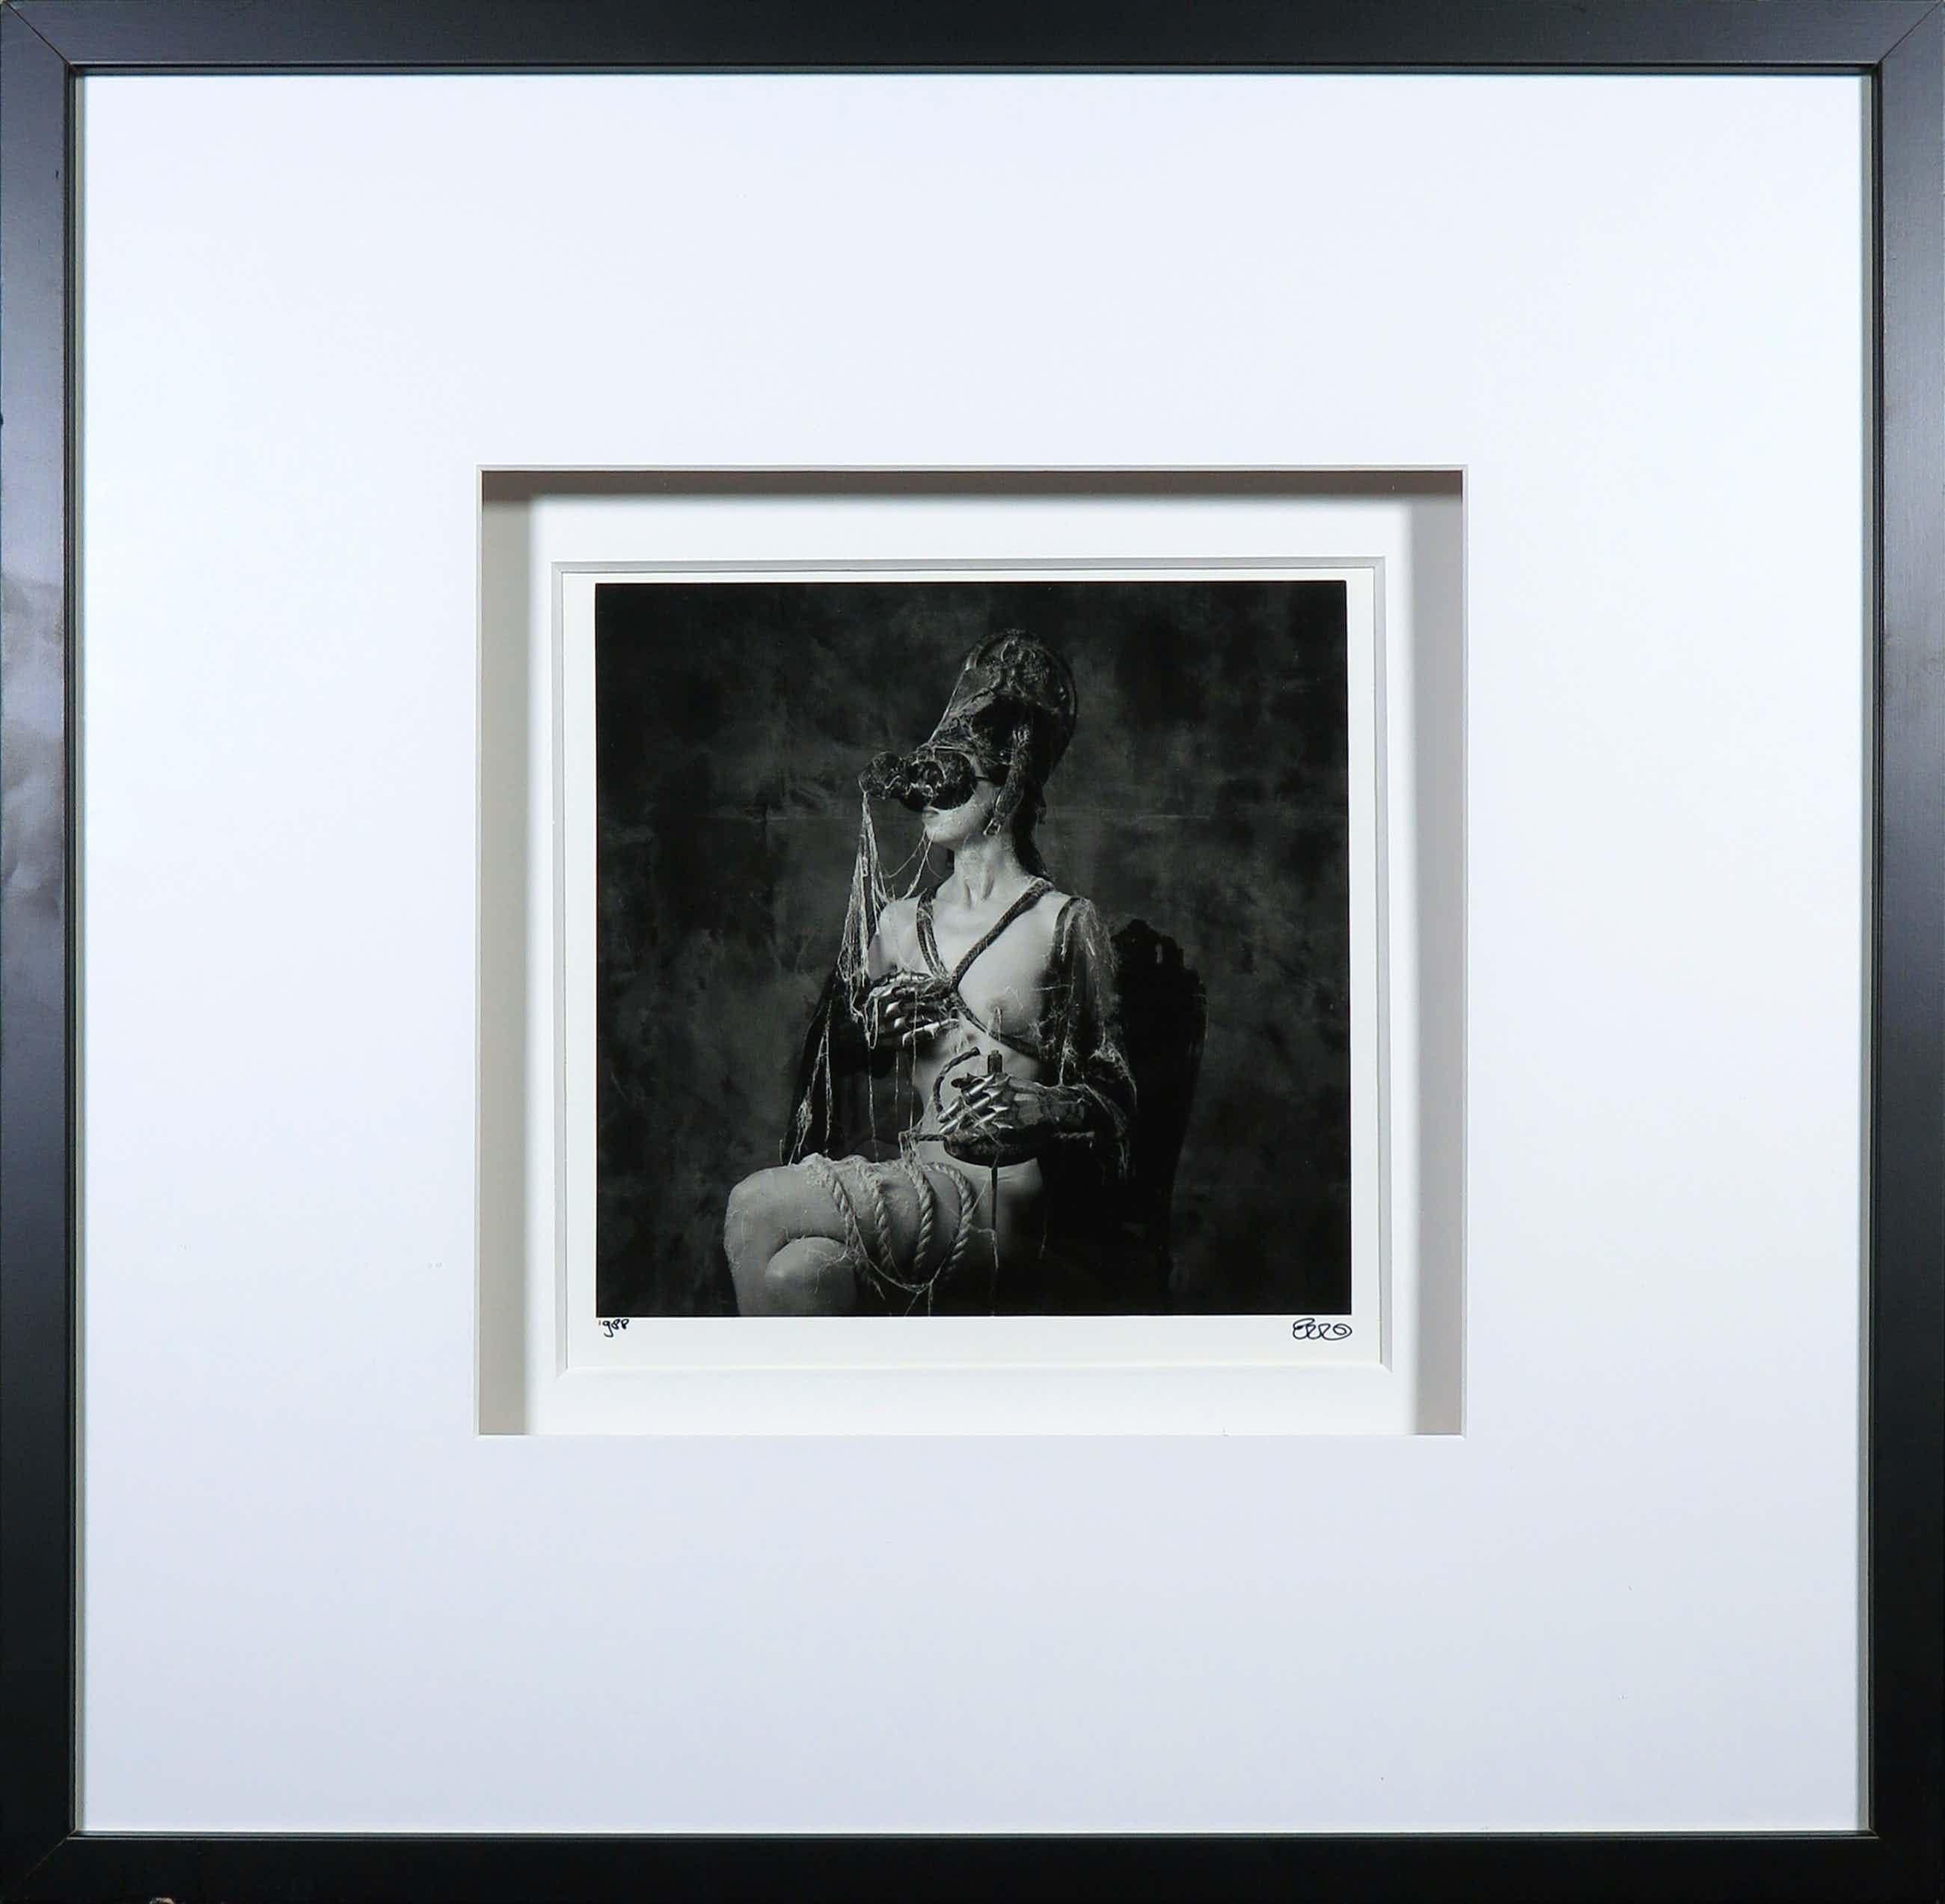 Erwin Olaf - Foto, De witte pion - Ingelijst kopen? Bied vanaf 1118!